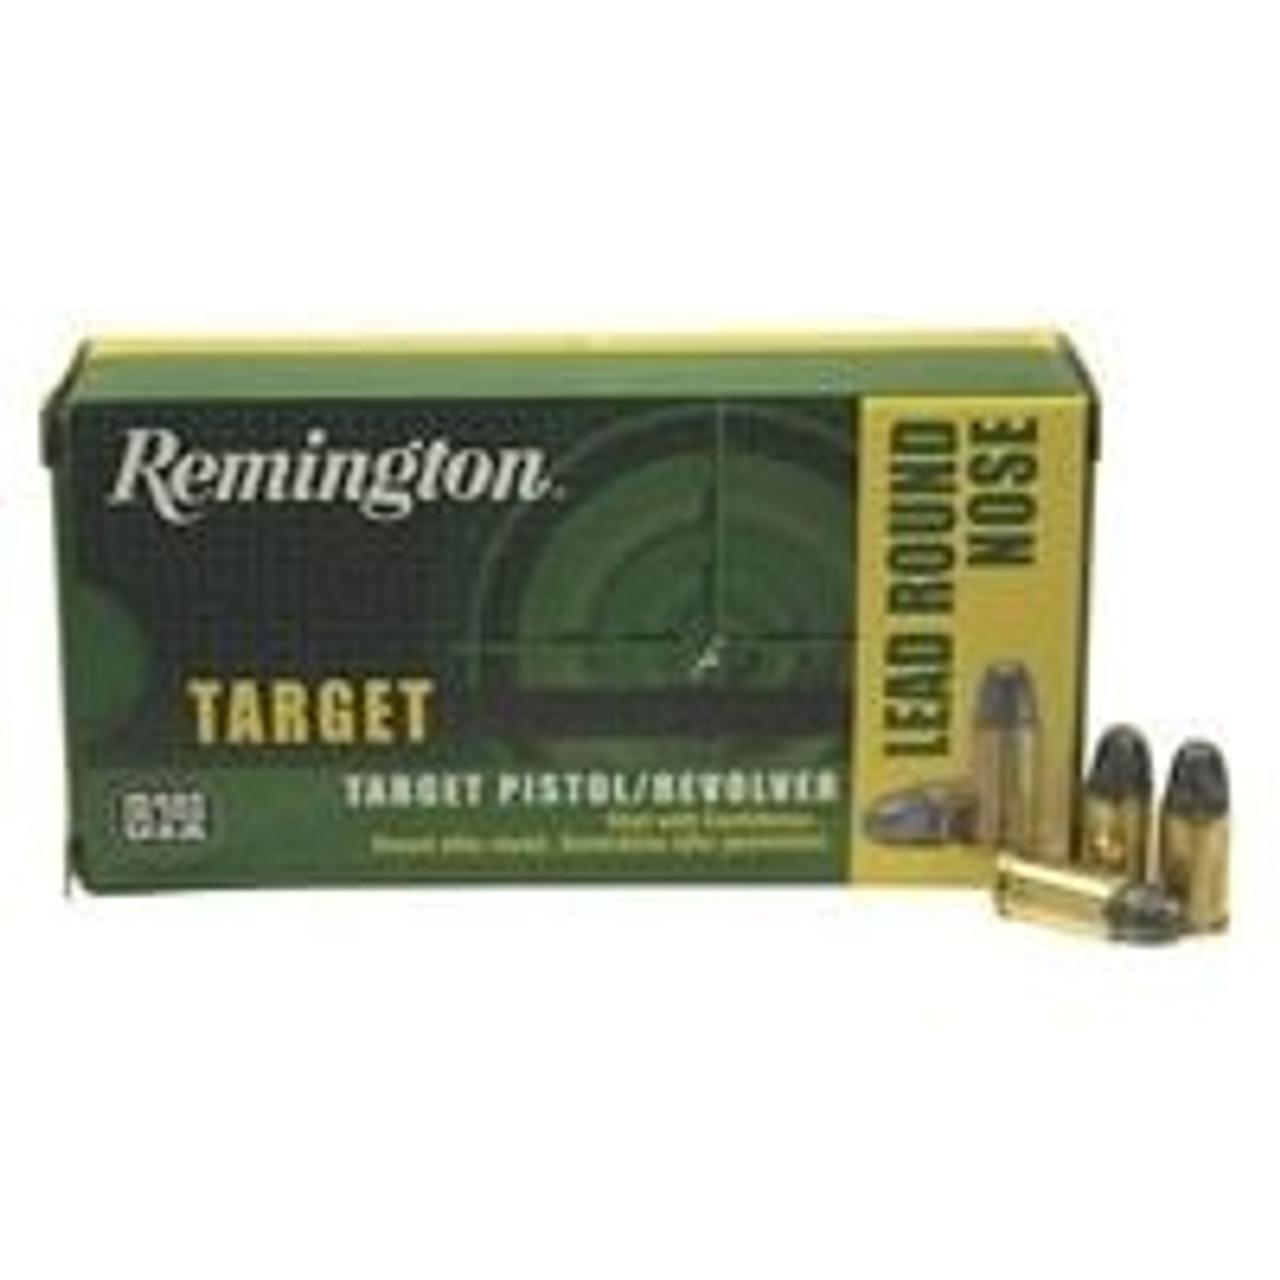 38 Short Colt Ammo